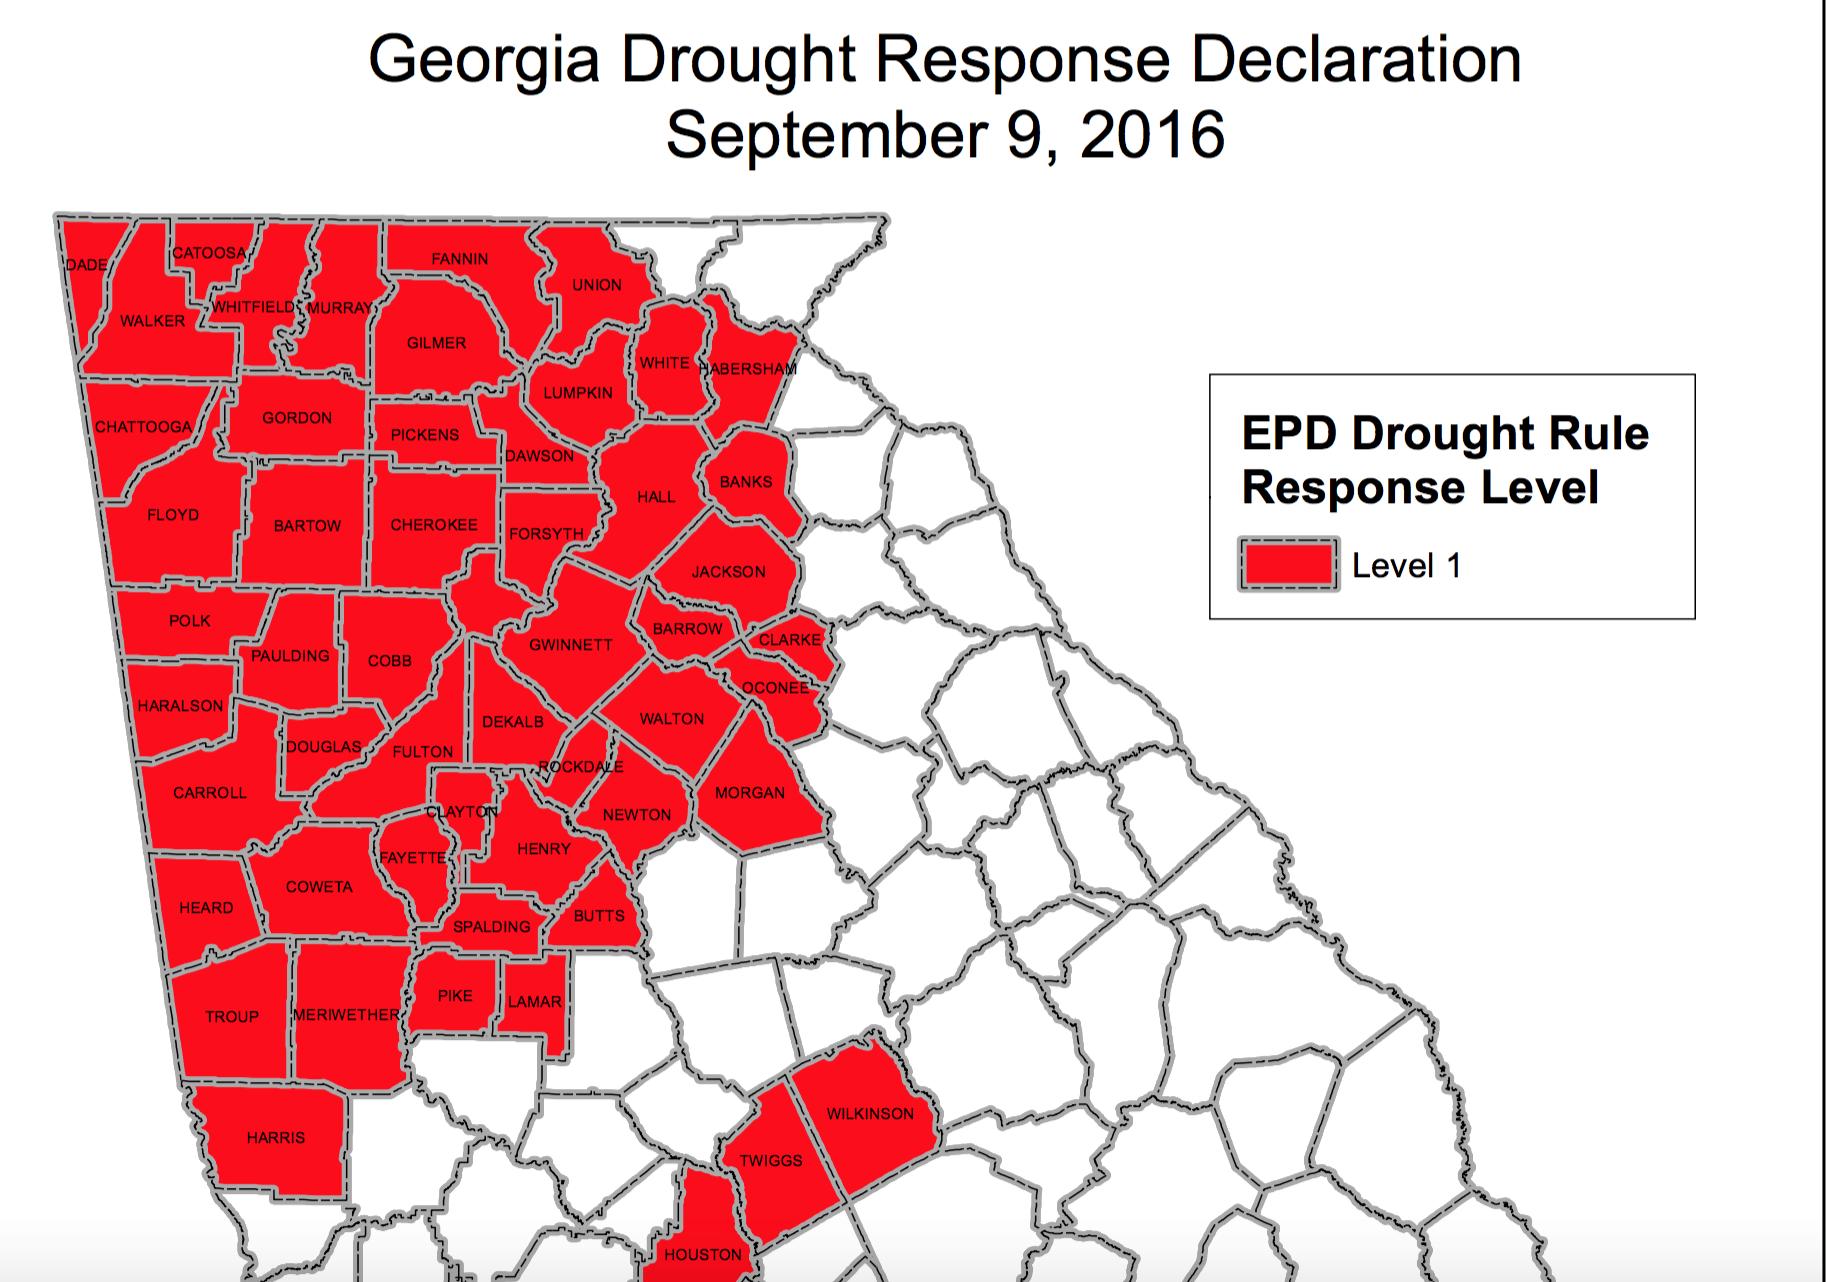 Level 1 Drought Declared in Georgia